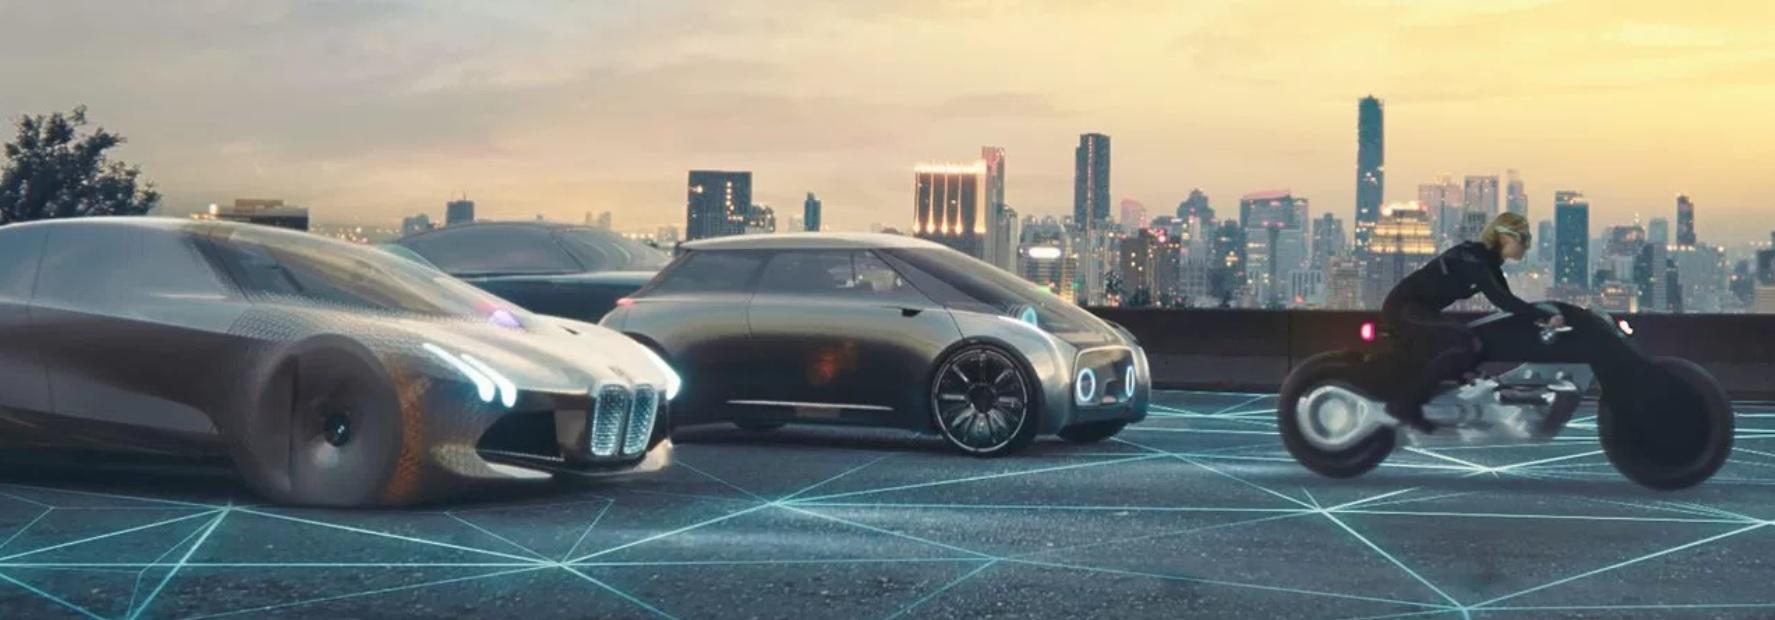 BMW har ikke lansert noe særlig med el-biler i det siste, men lover bedring i årene fremover med elektriske og hel-elektriske satsinger.